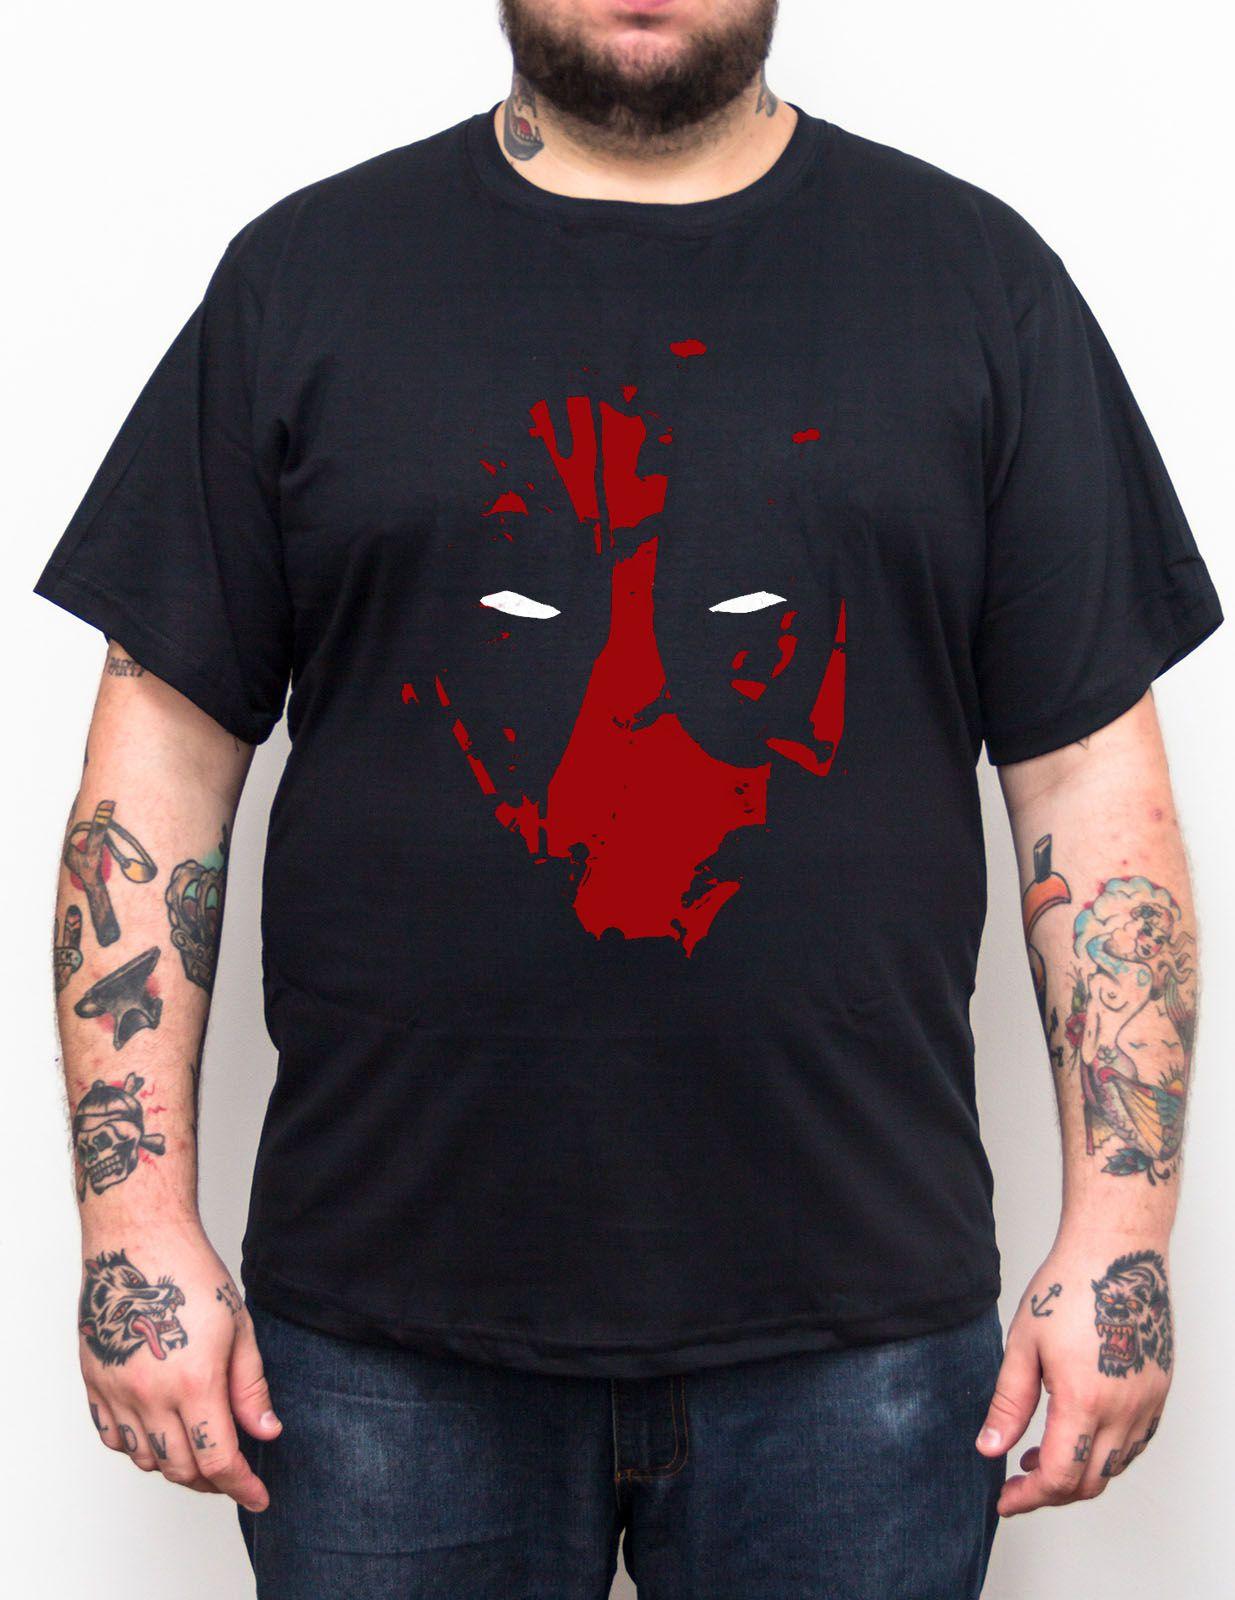 Camiseta Deadpool Mask - Plus Size - Tamanho XG  - HShop